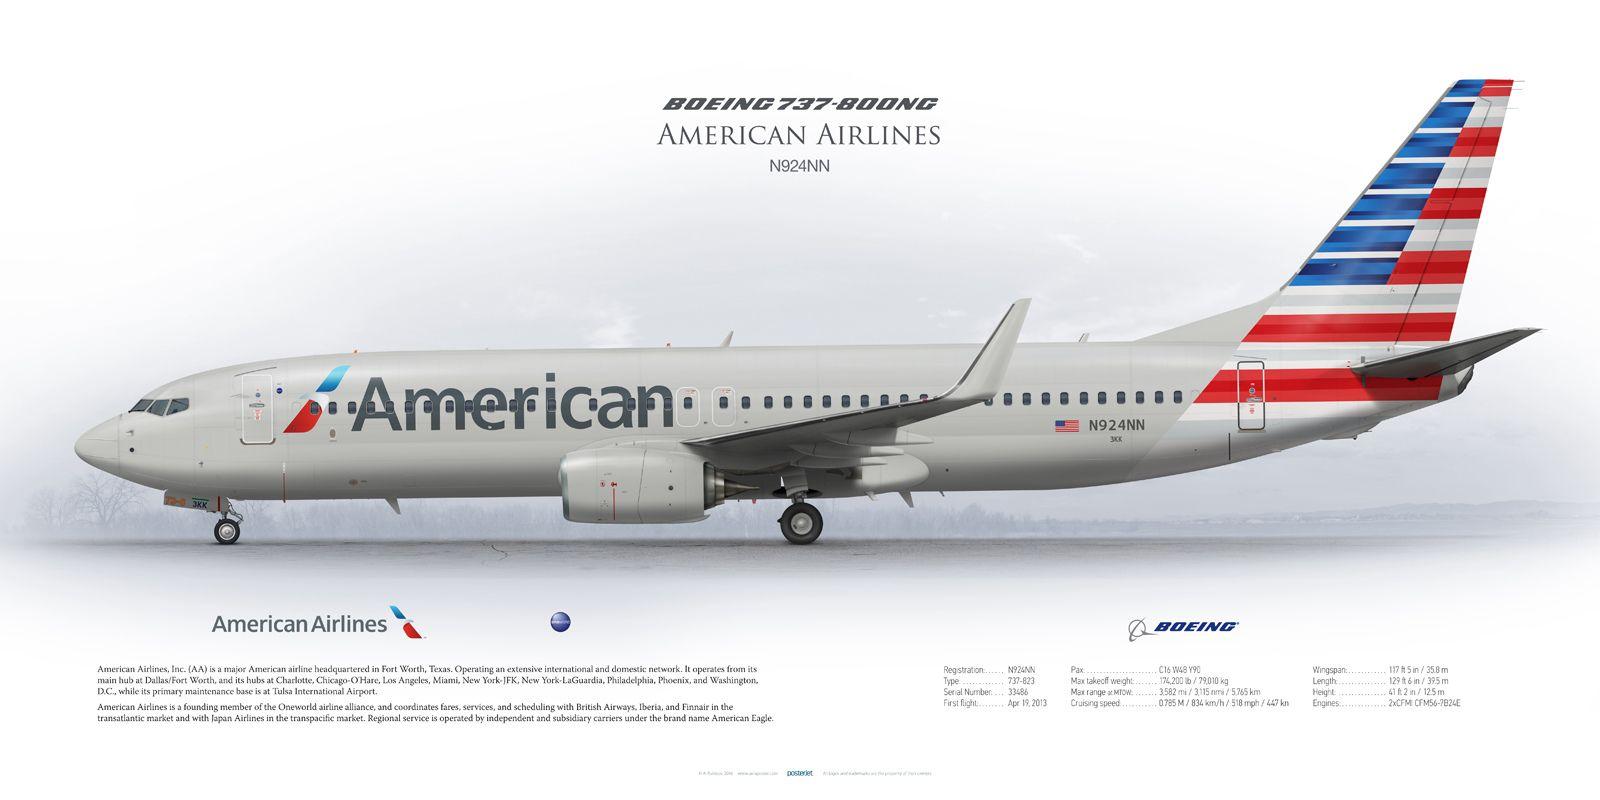 Boeing 737-800 American Airlines N924NN   American Airlines